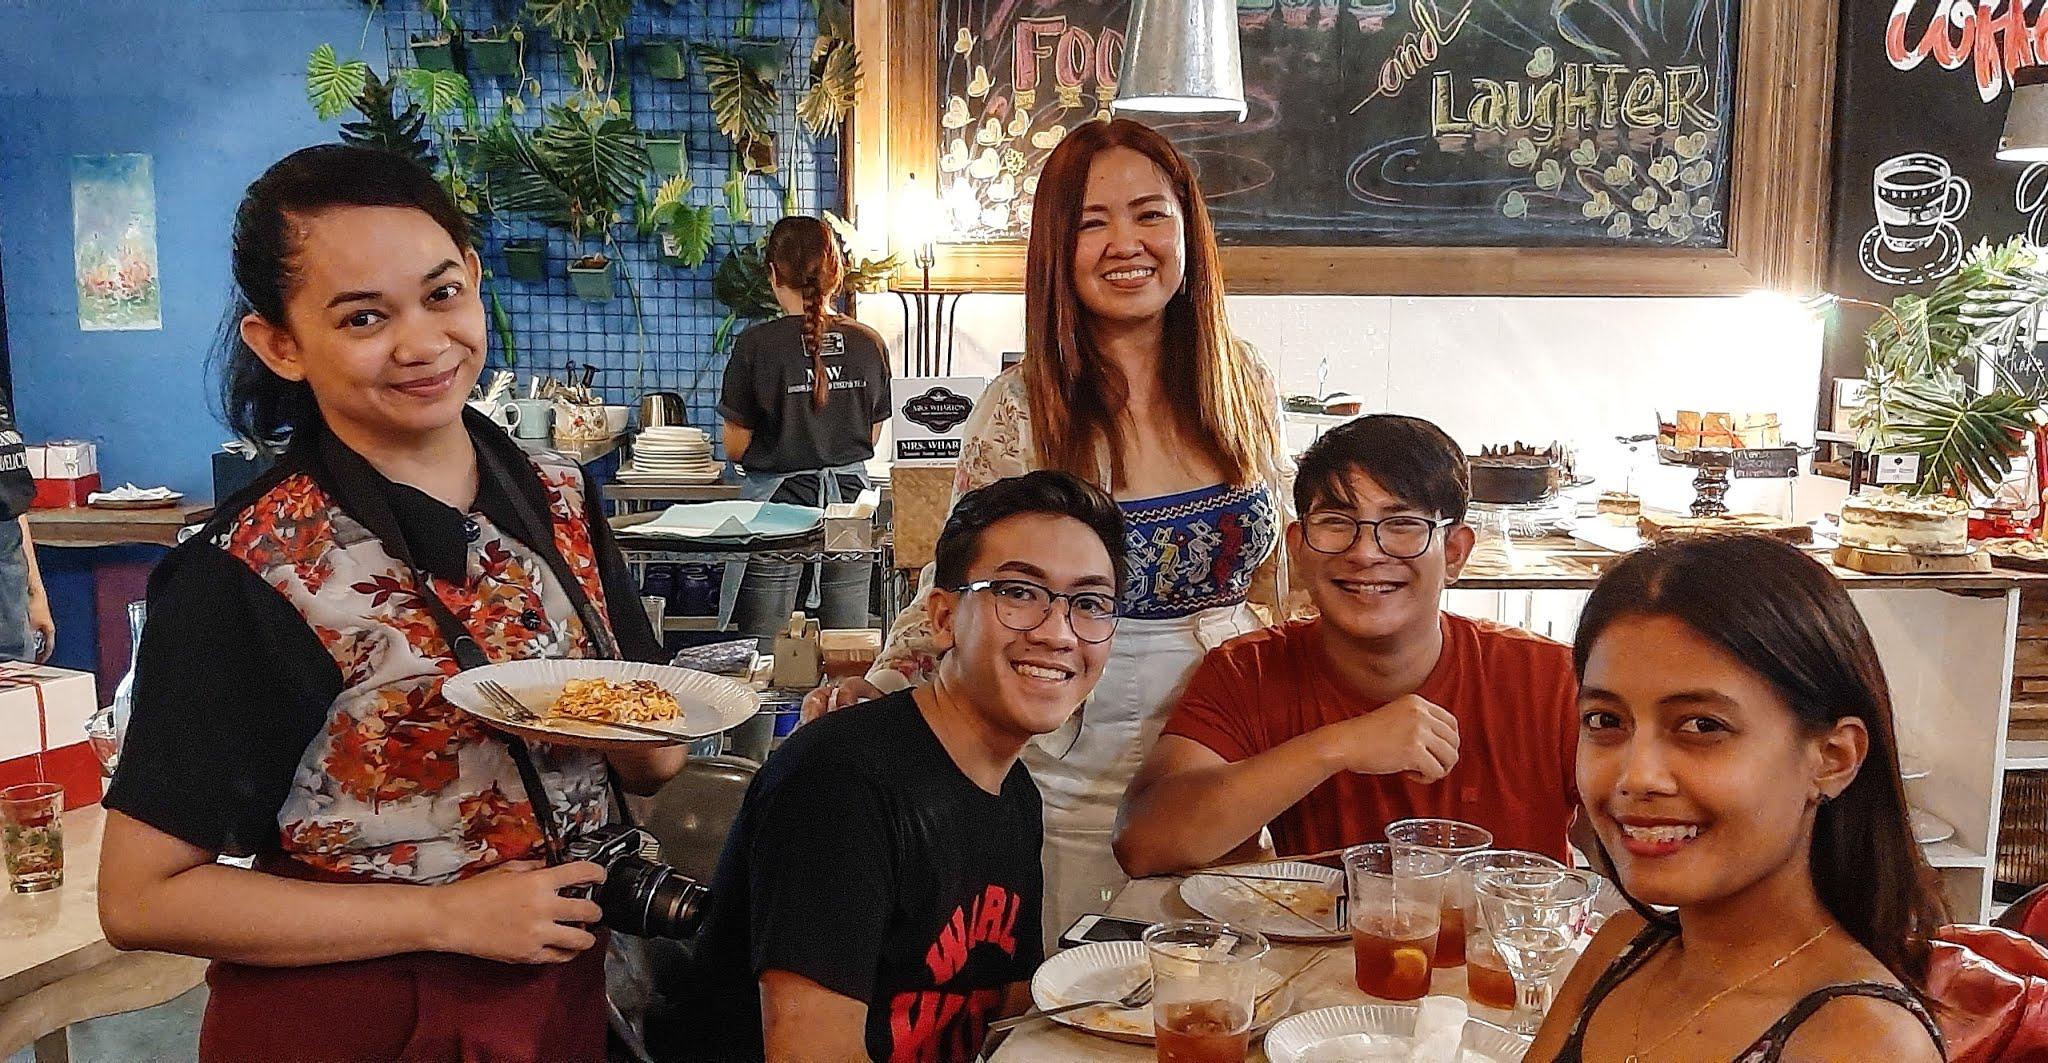 Popolar Bloggers in Iloilo City